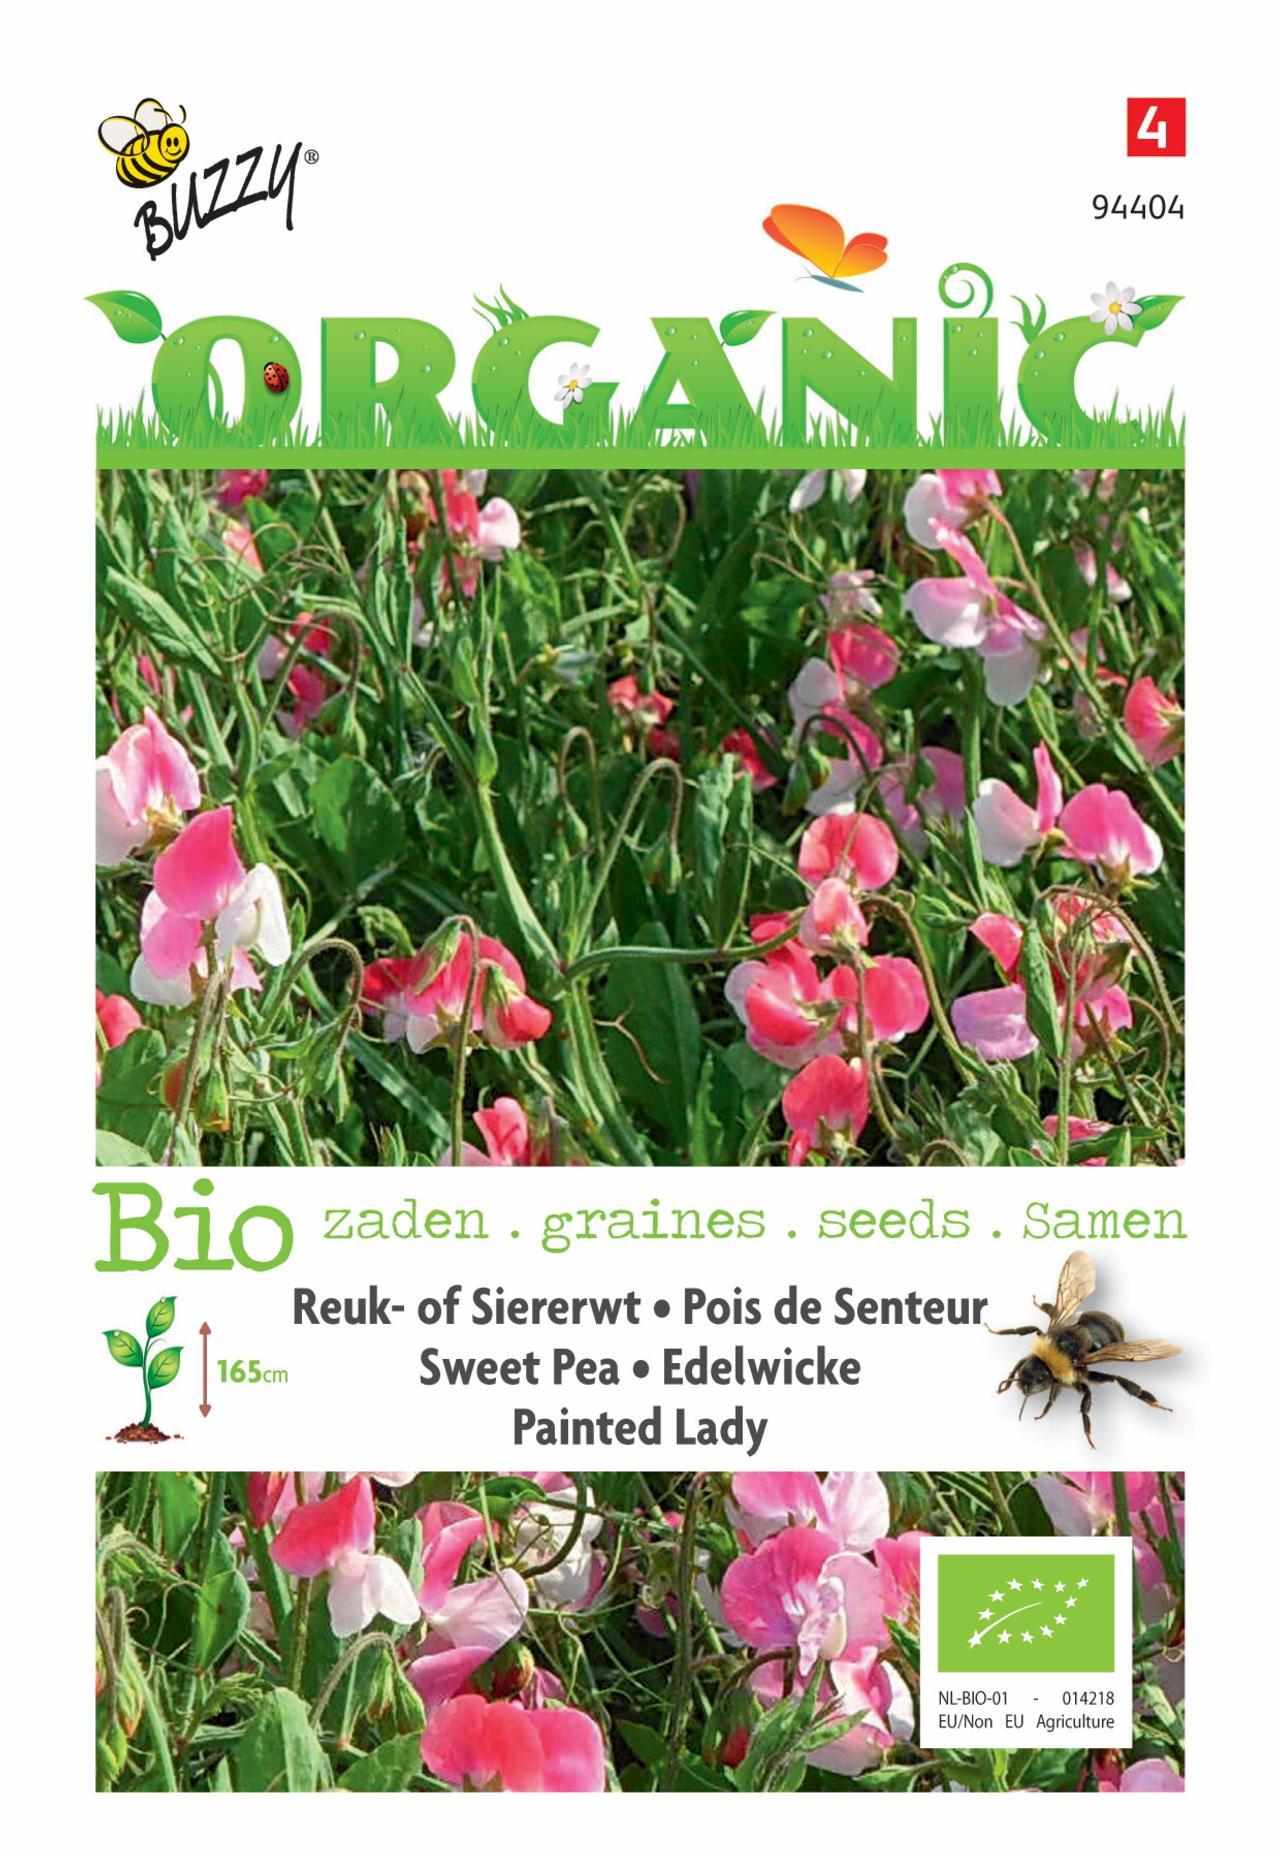 Lathyrus odoratus 'Painted Lady' (BIO) plant